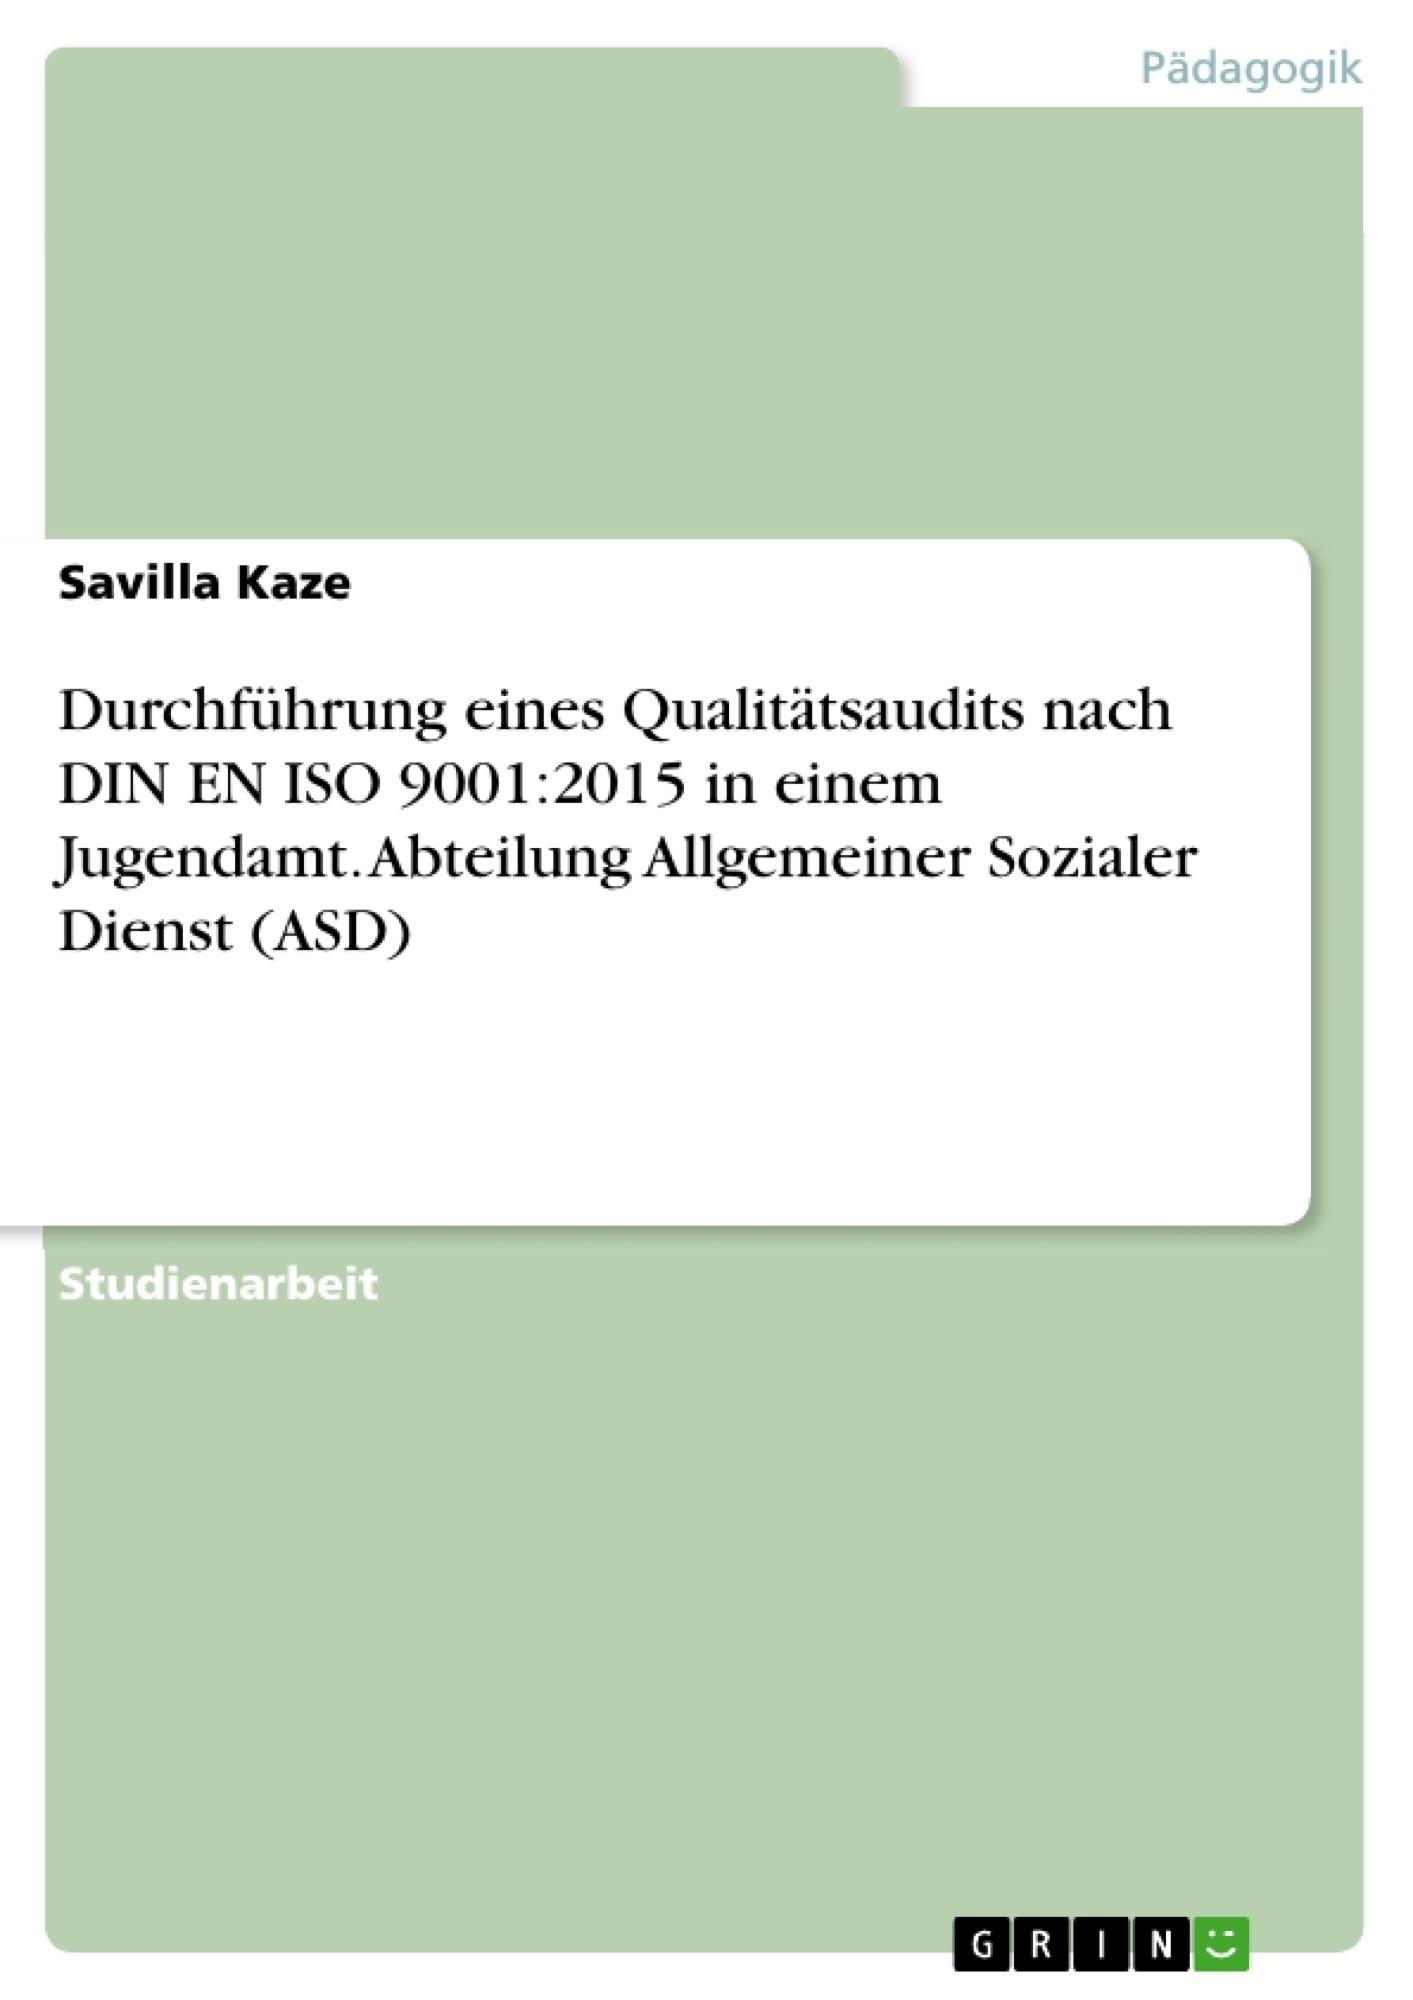 Titel: Durchführung eines Qualitätsaudits nach DIN EN ISO 9001:2015 in einem Jugendamt. Abteilung Allgemeiner Sozialer Dienst (ASD)